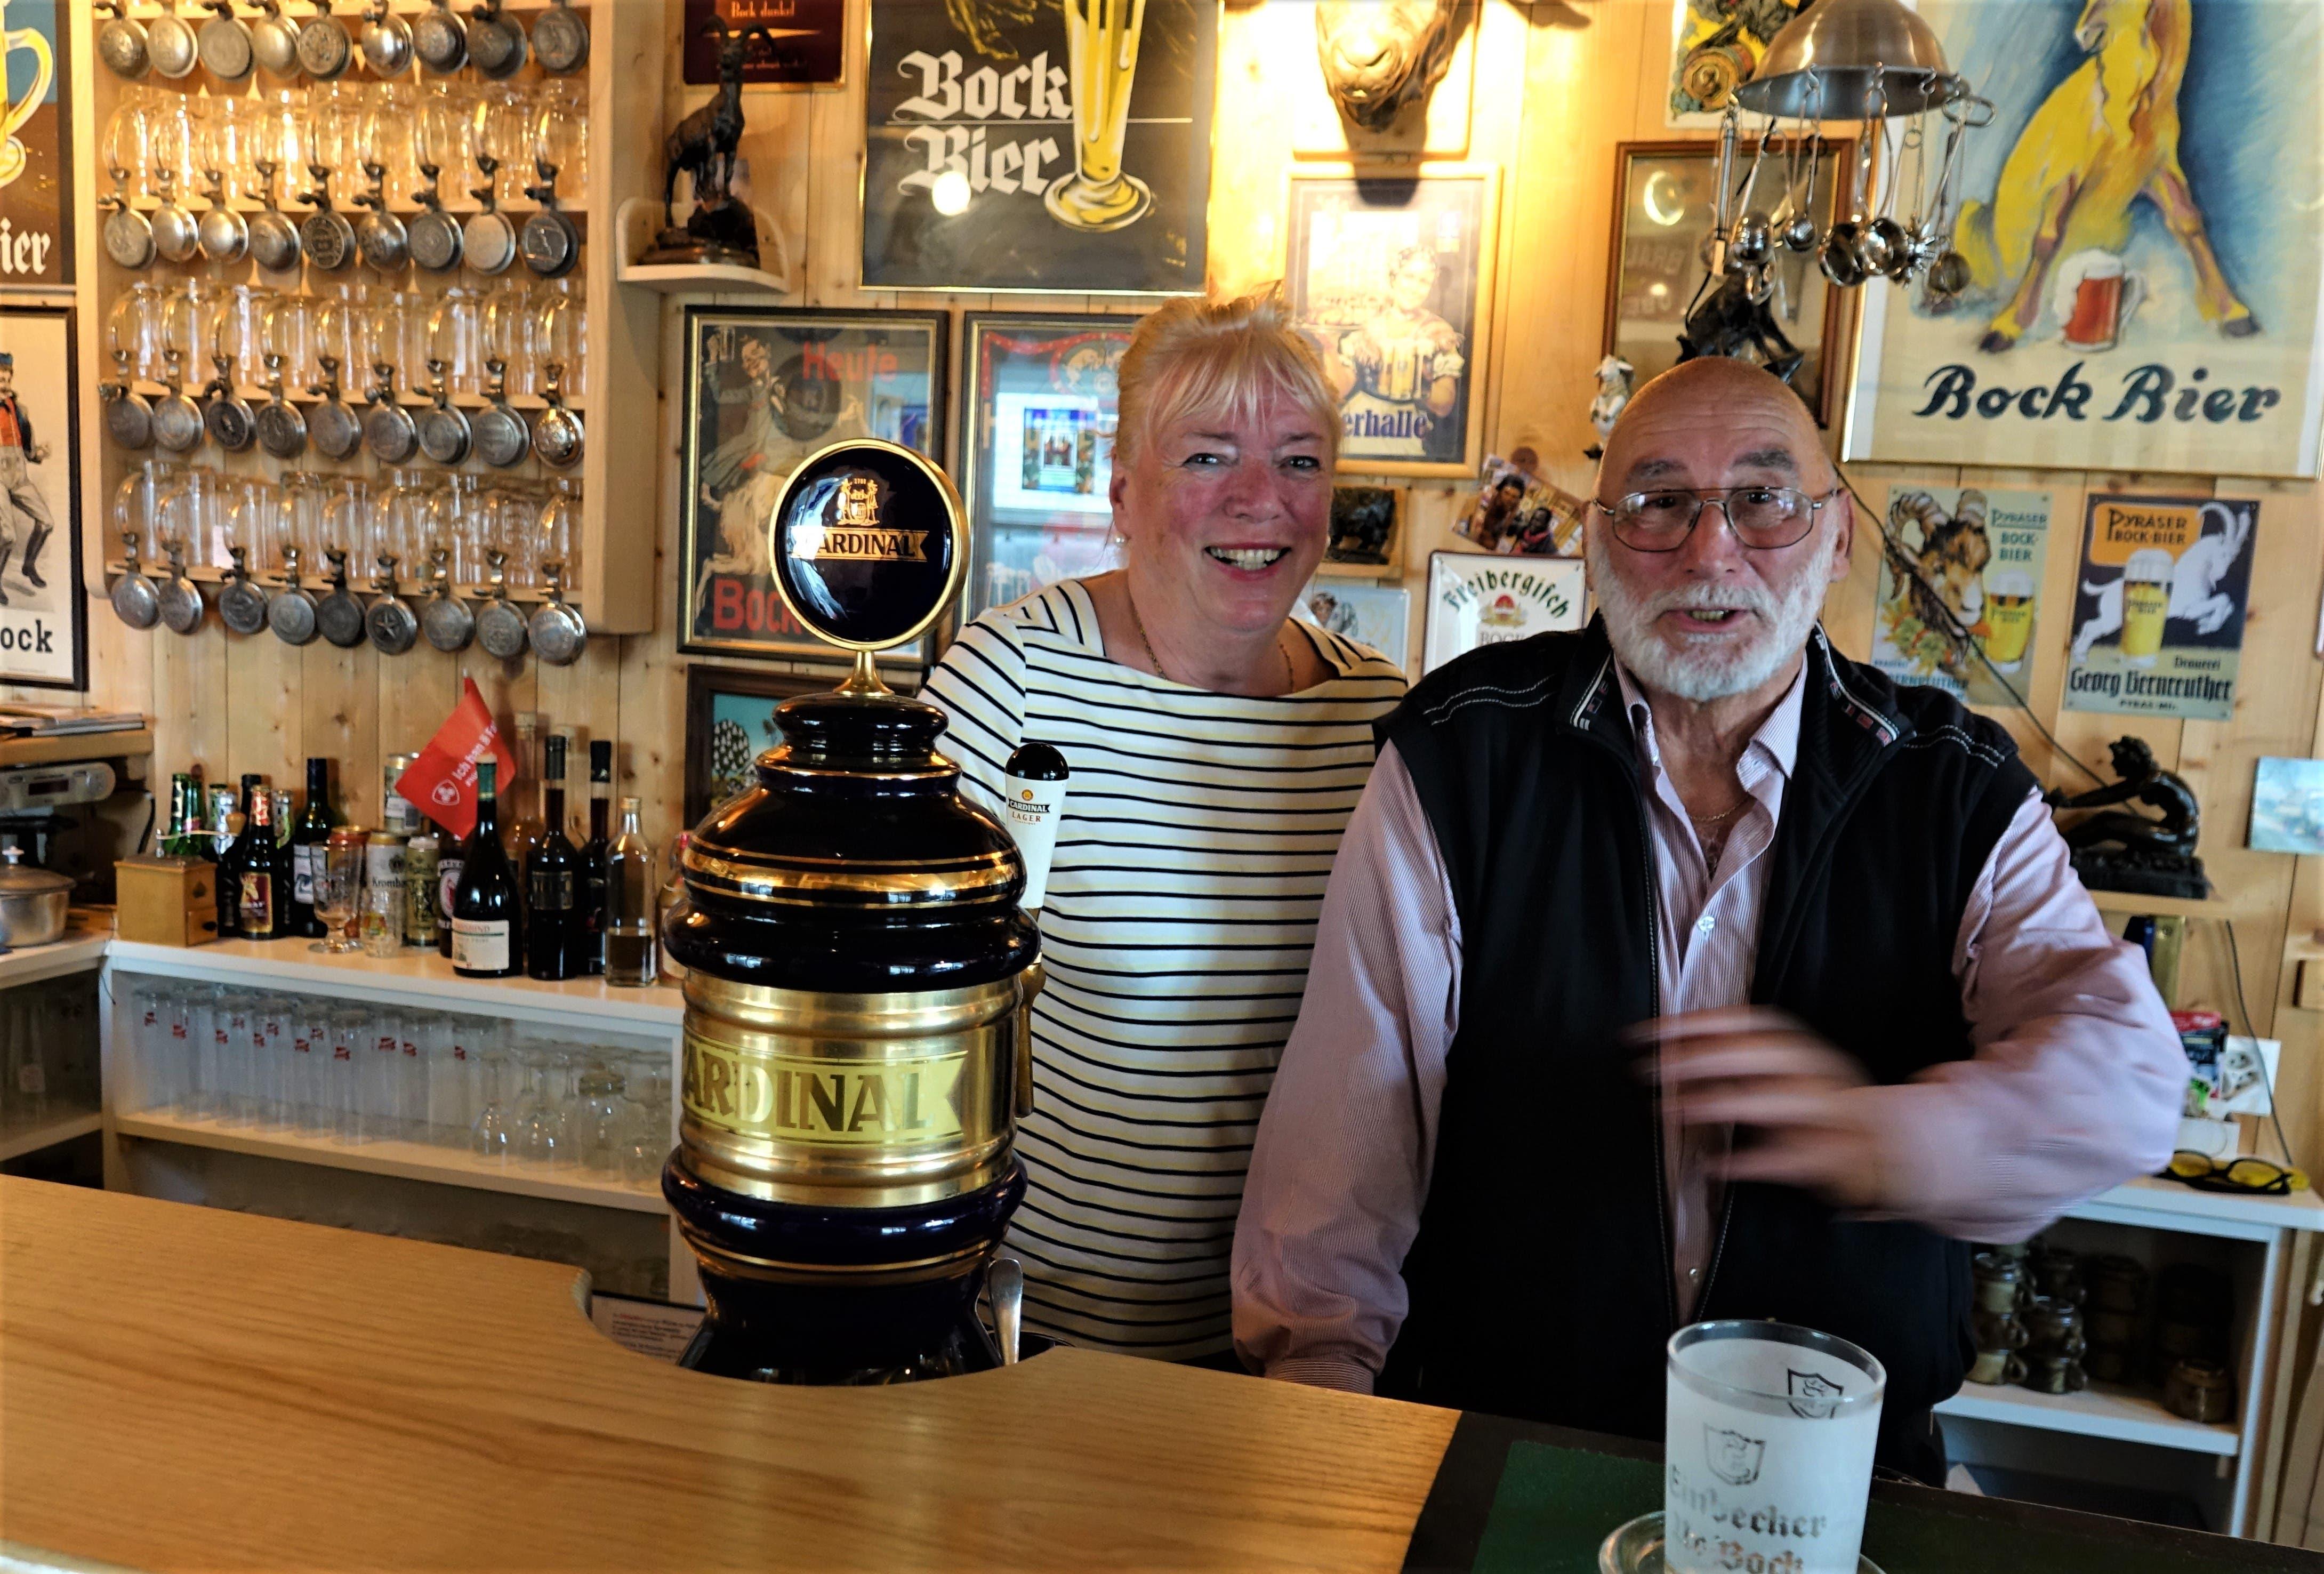 Jutta und Pierre Cobbioni in der Bierschenke, wo die Besucher empfangen werden.